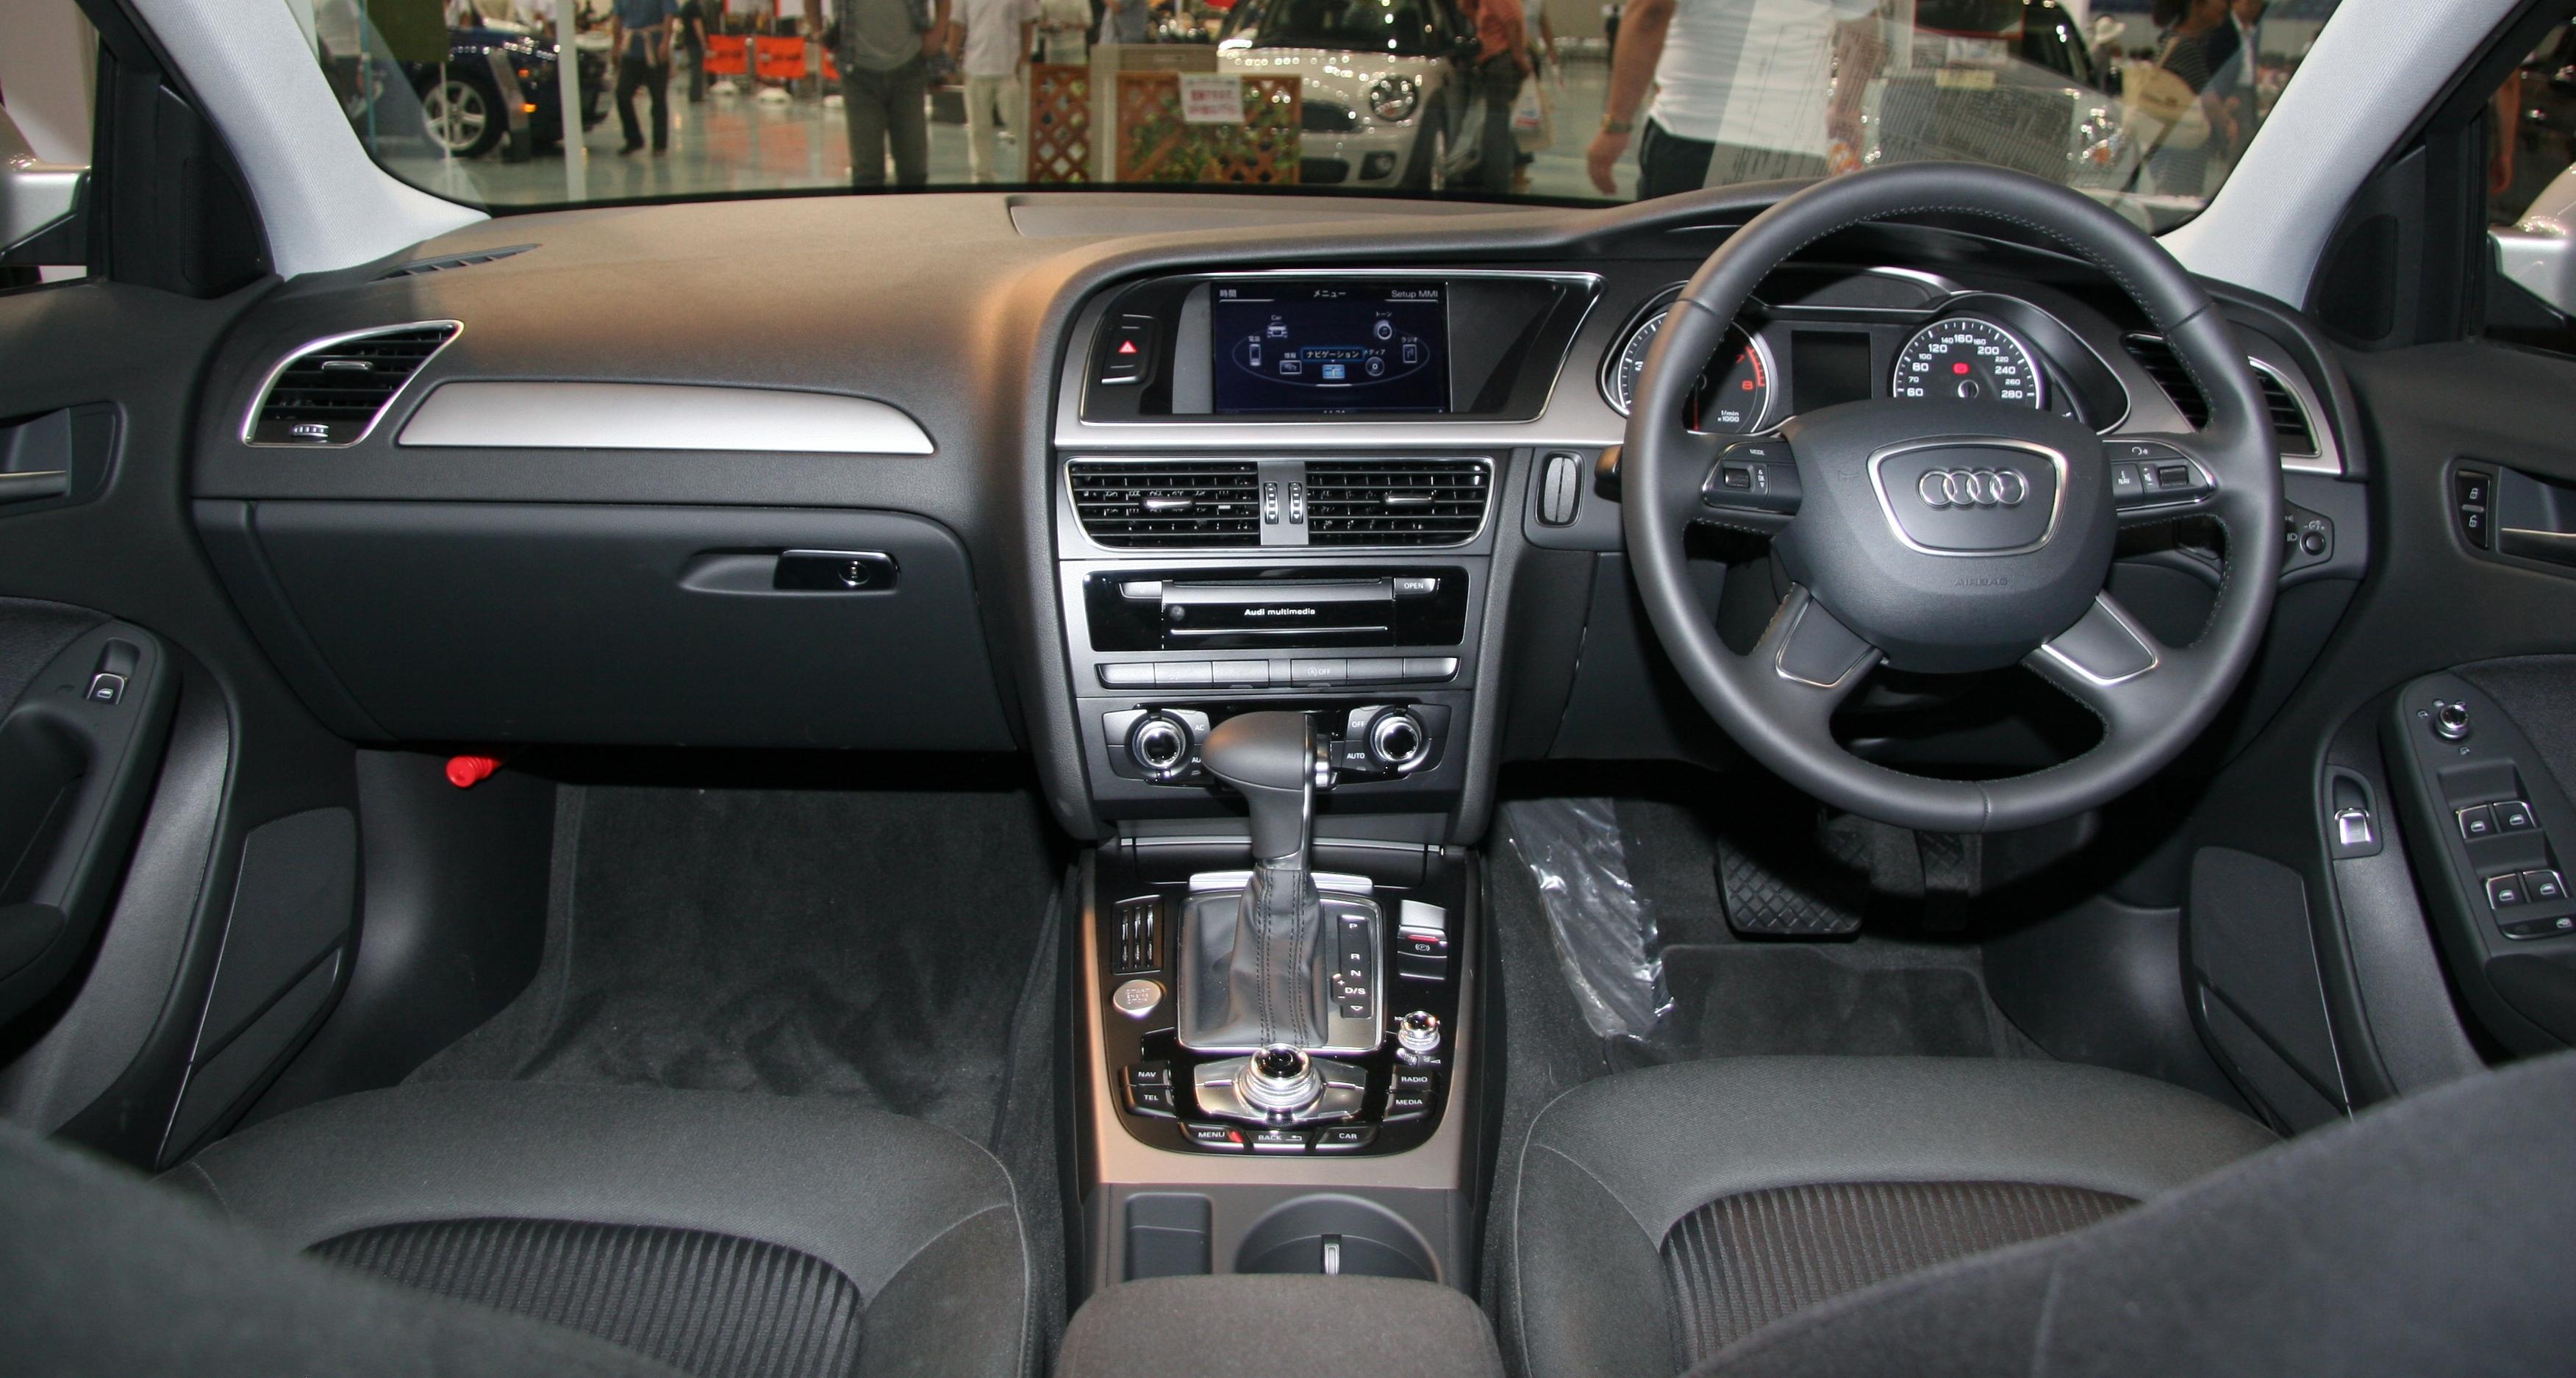 2012 Audi A4 B8 Interior Audi A4 B8 Interior 2174455